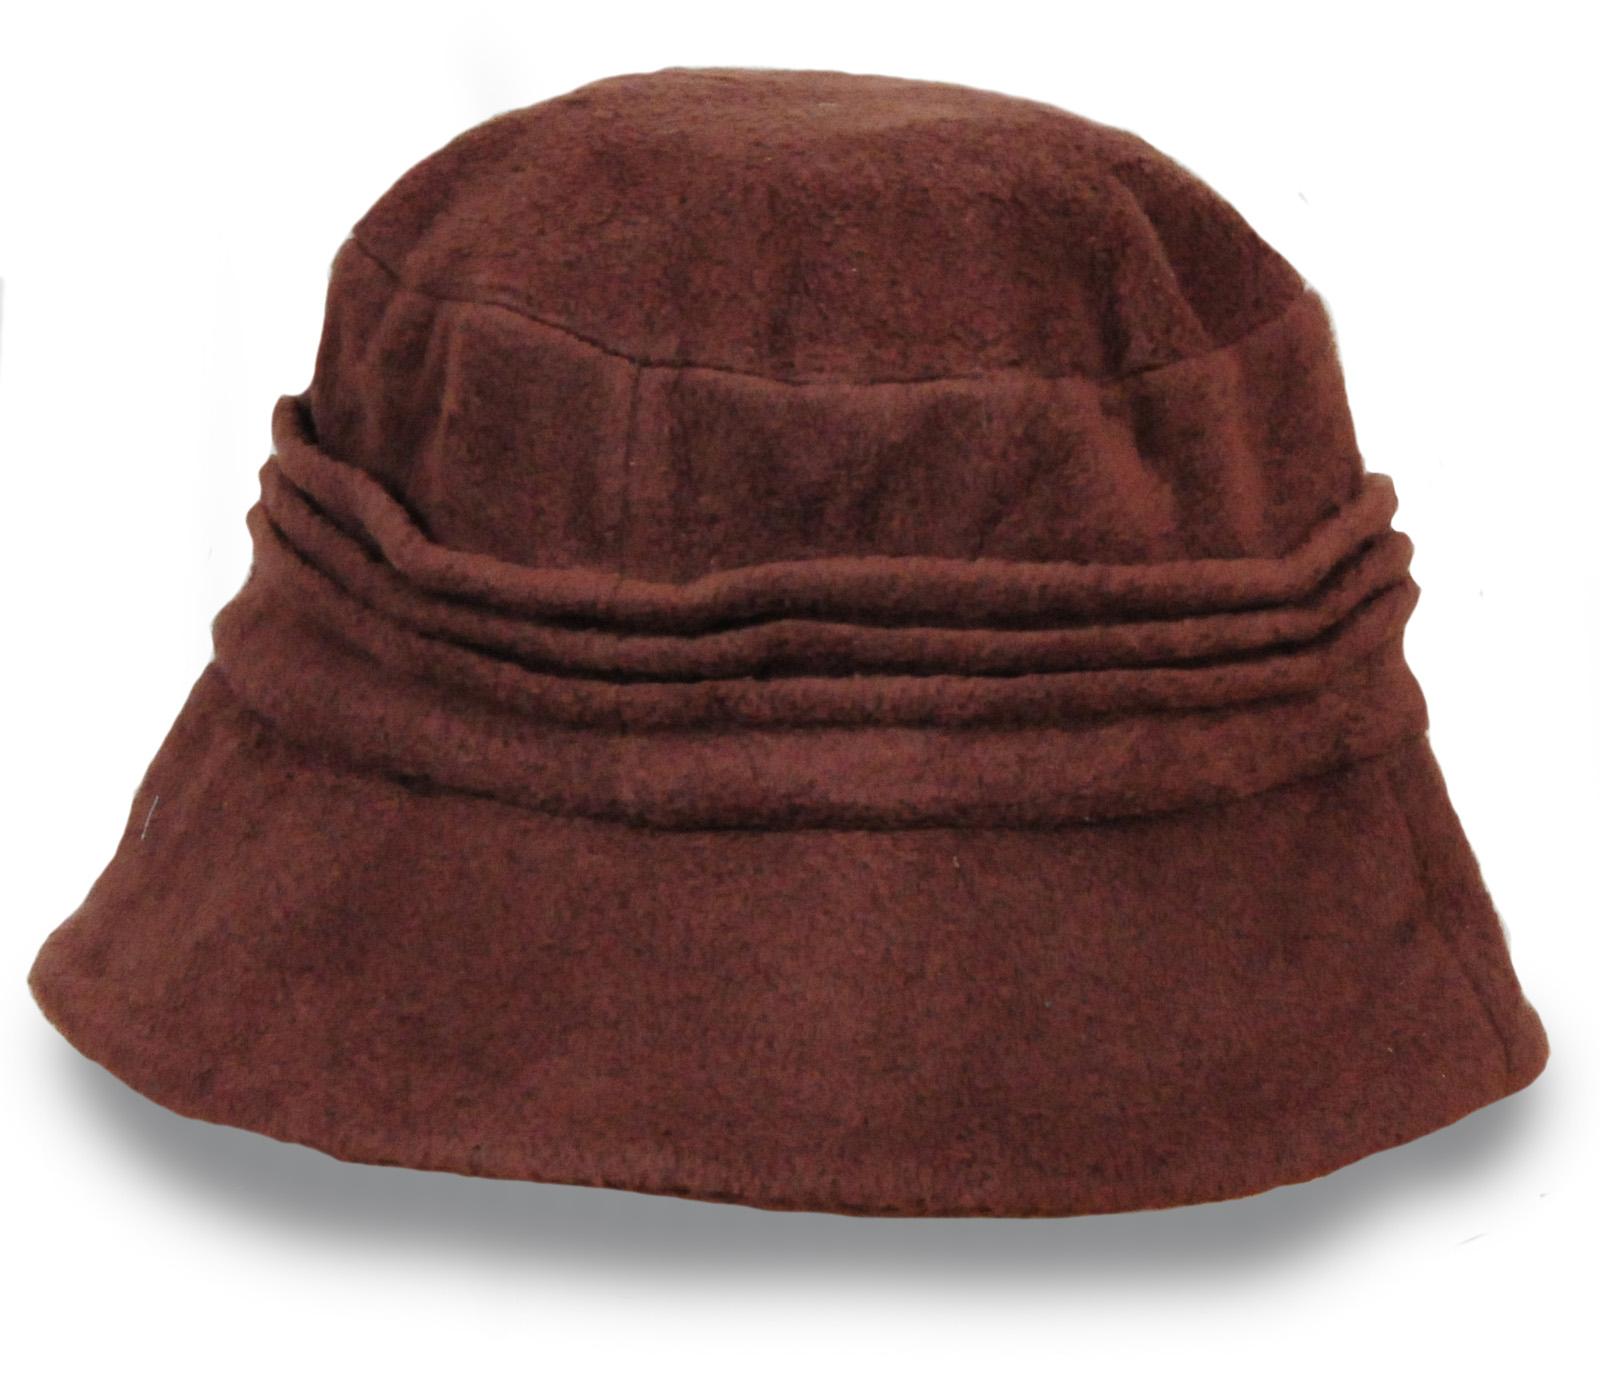 Купить шляпку женскую онлайн